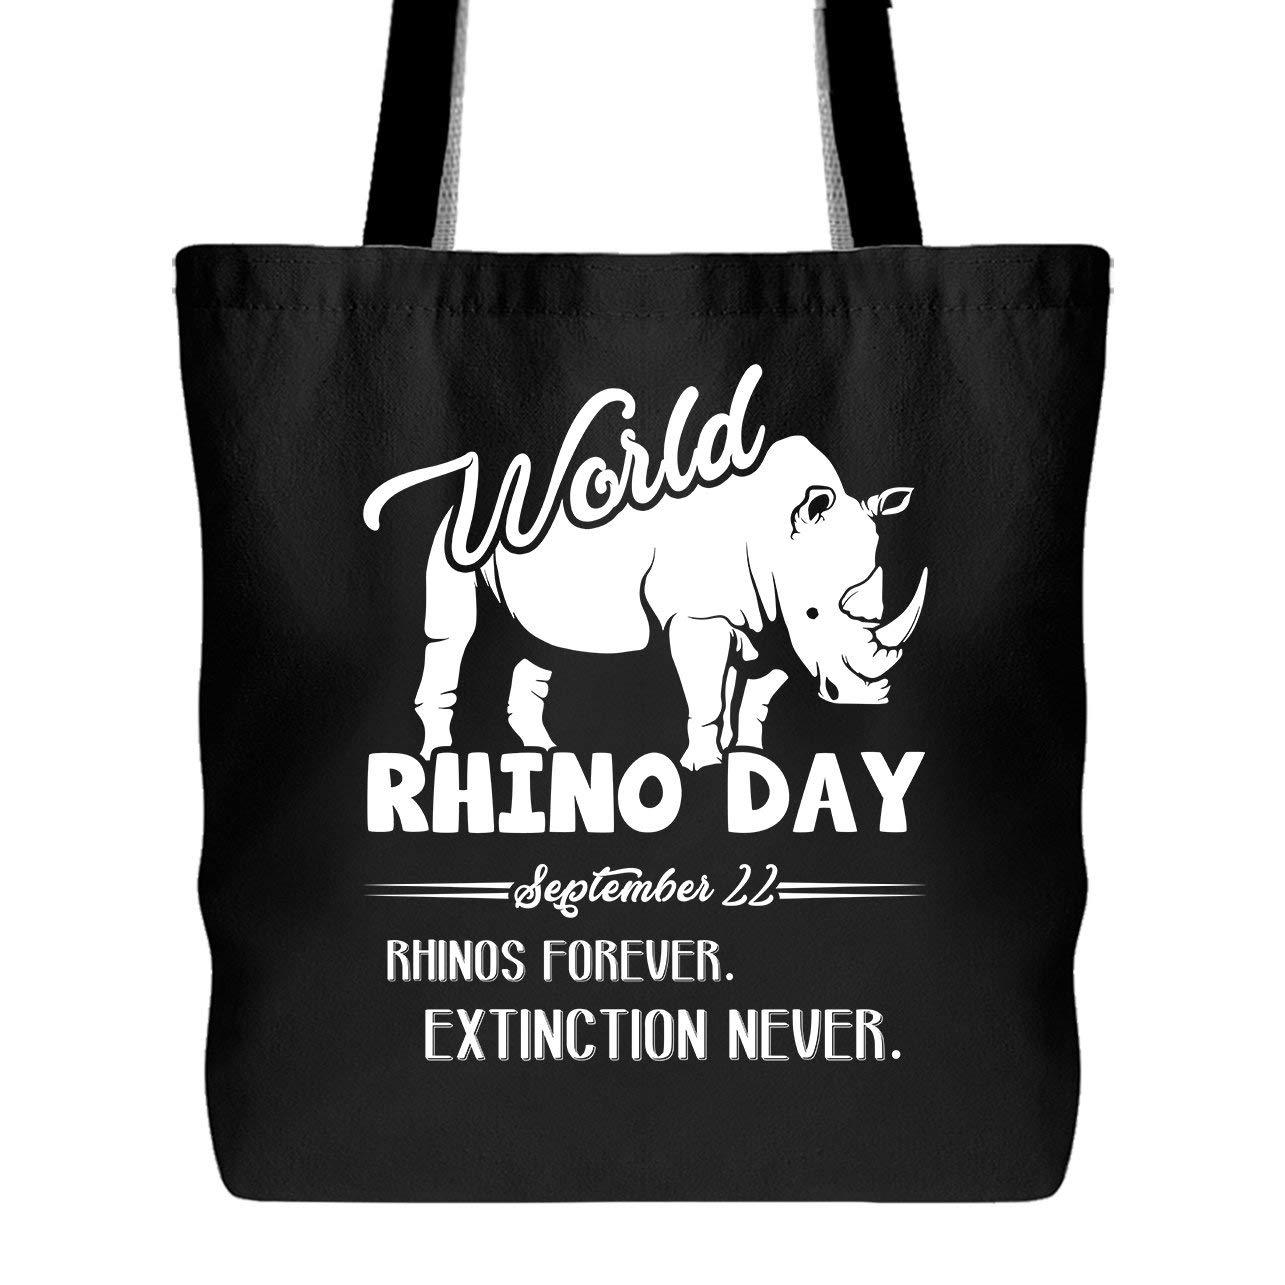 81f6daeef7e8 Amazon.com: Rhino Day Bags, Tote Bag, Fashion Bags (Black Tote Bag): Shoes